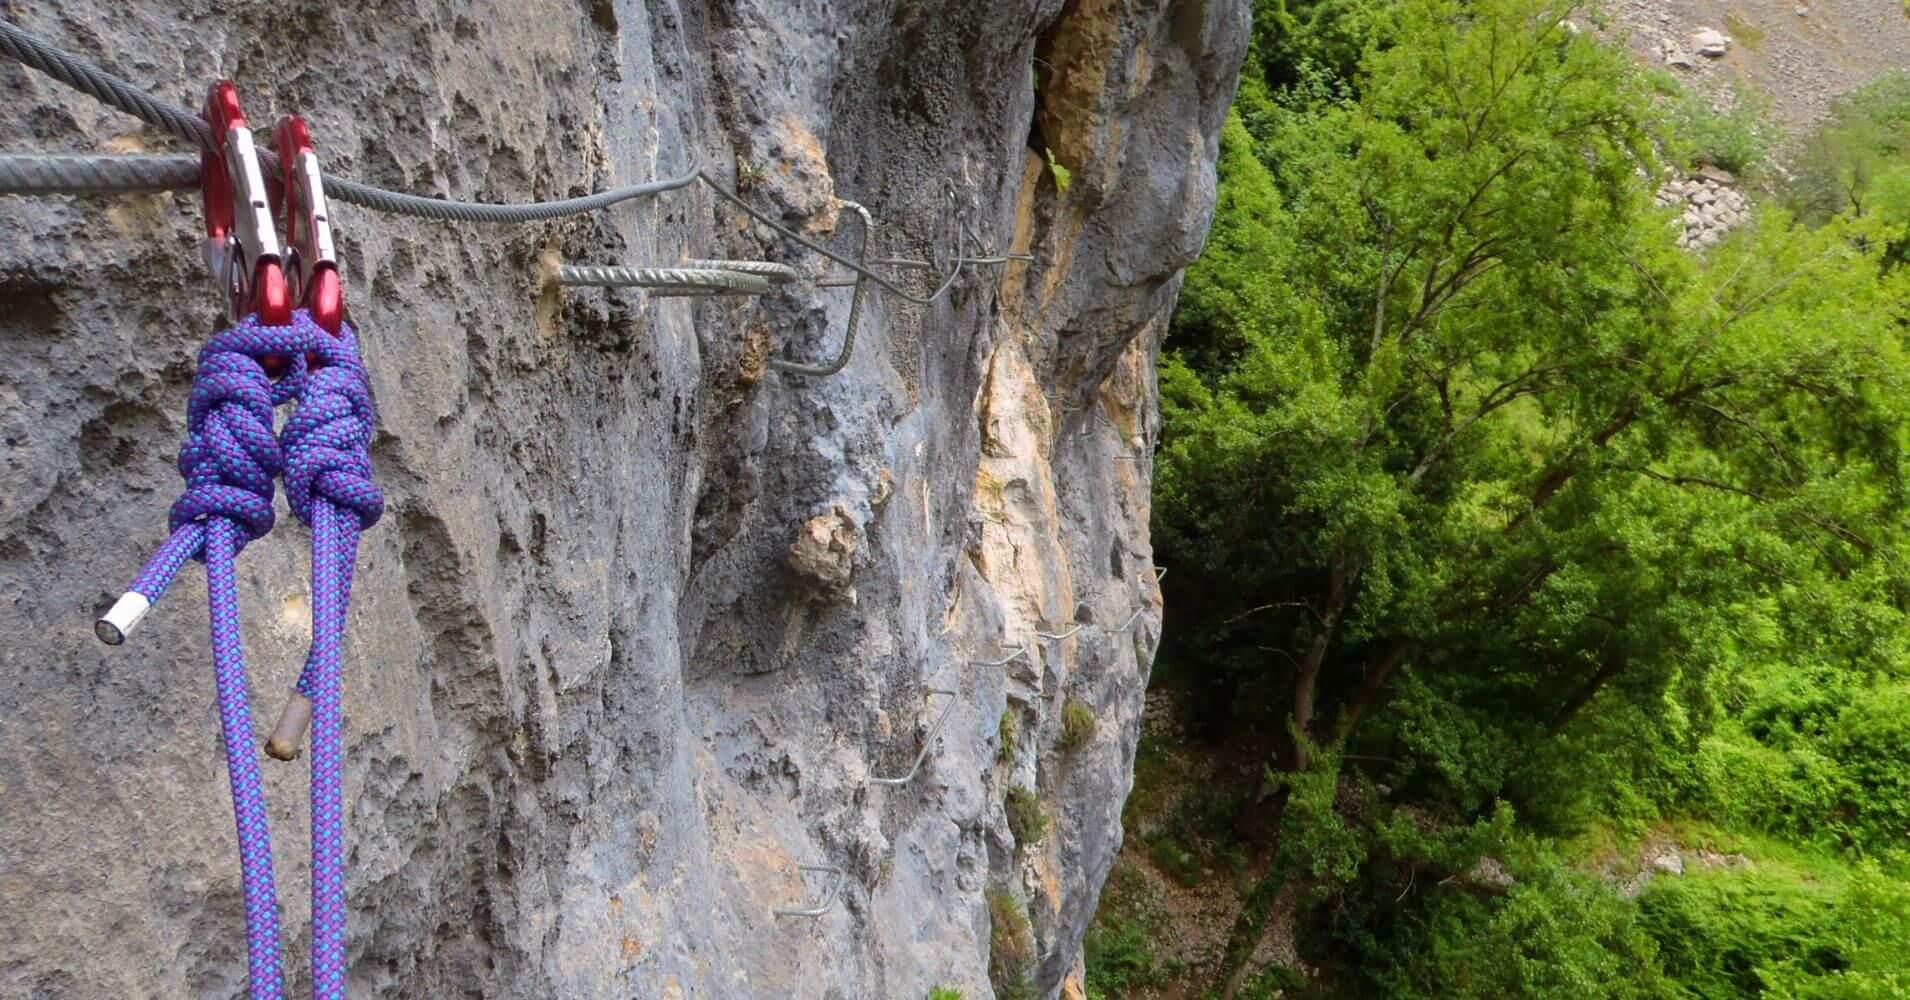 Flanqueo de la Vía Ferrata Pozo El Milar. Desfiladero de la Hermida. Picos de Europa, Cantabria.